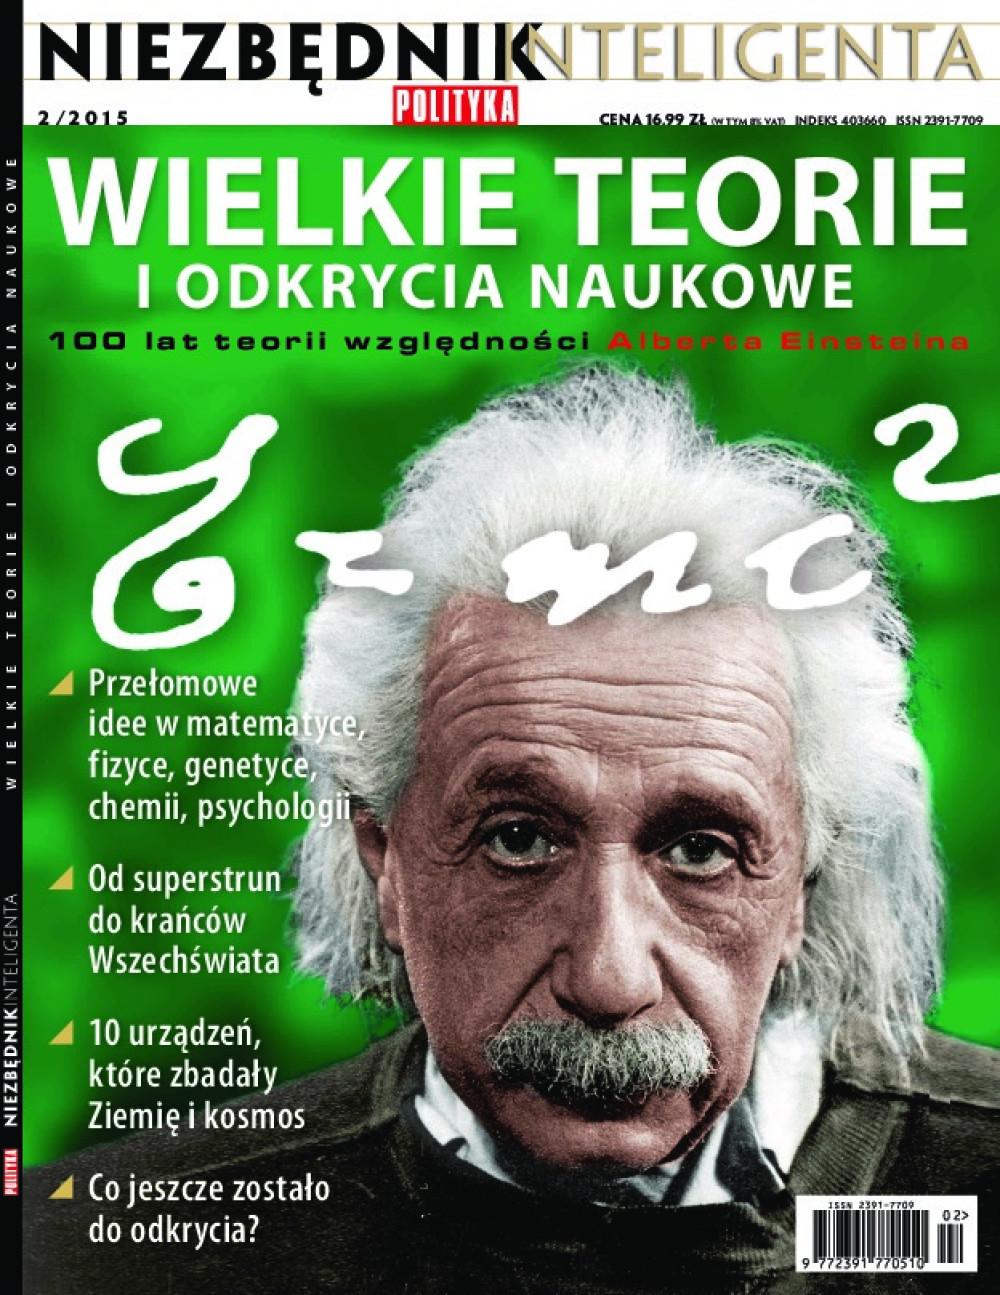 Niezbędnik Inteligenta,akty,człowiek,e-prasa,fotografia,historia,historia polski,hobby,inny swiat,kultura,magazyn,medycyna,miesiecznik,polski,prasa